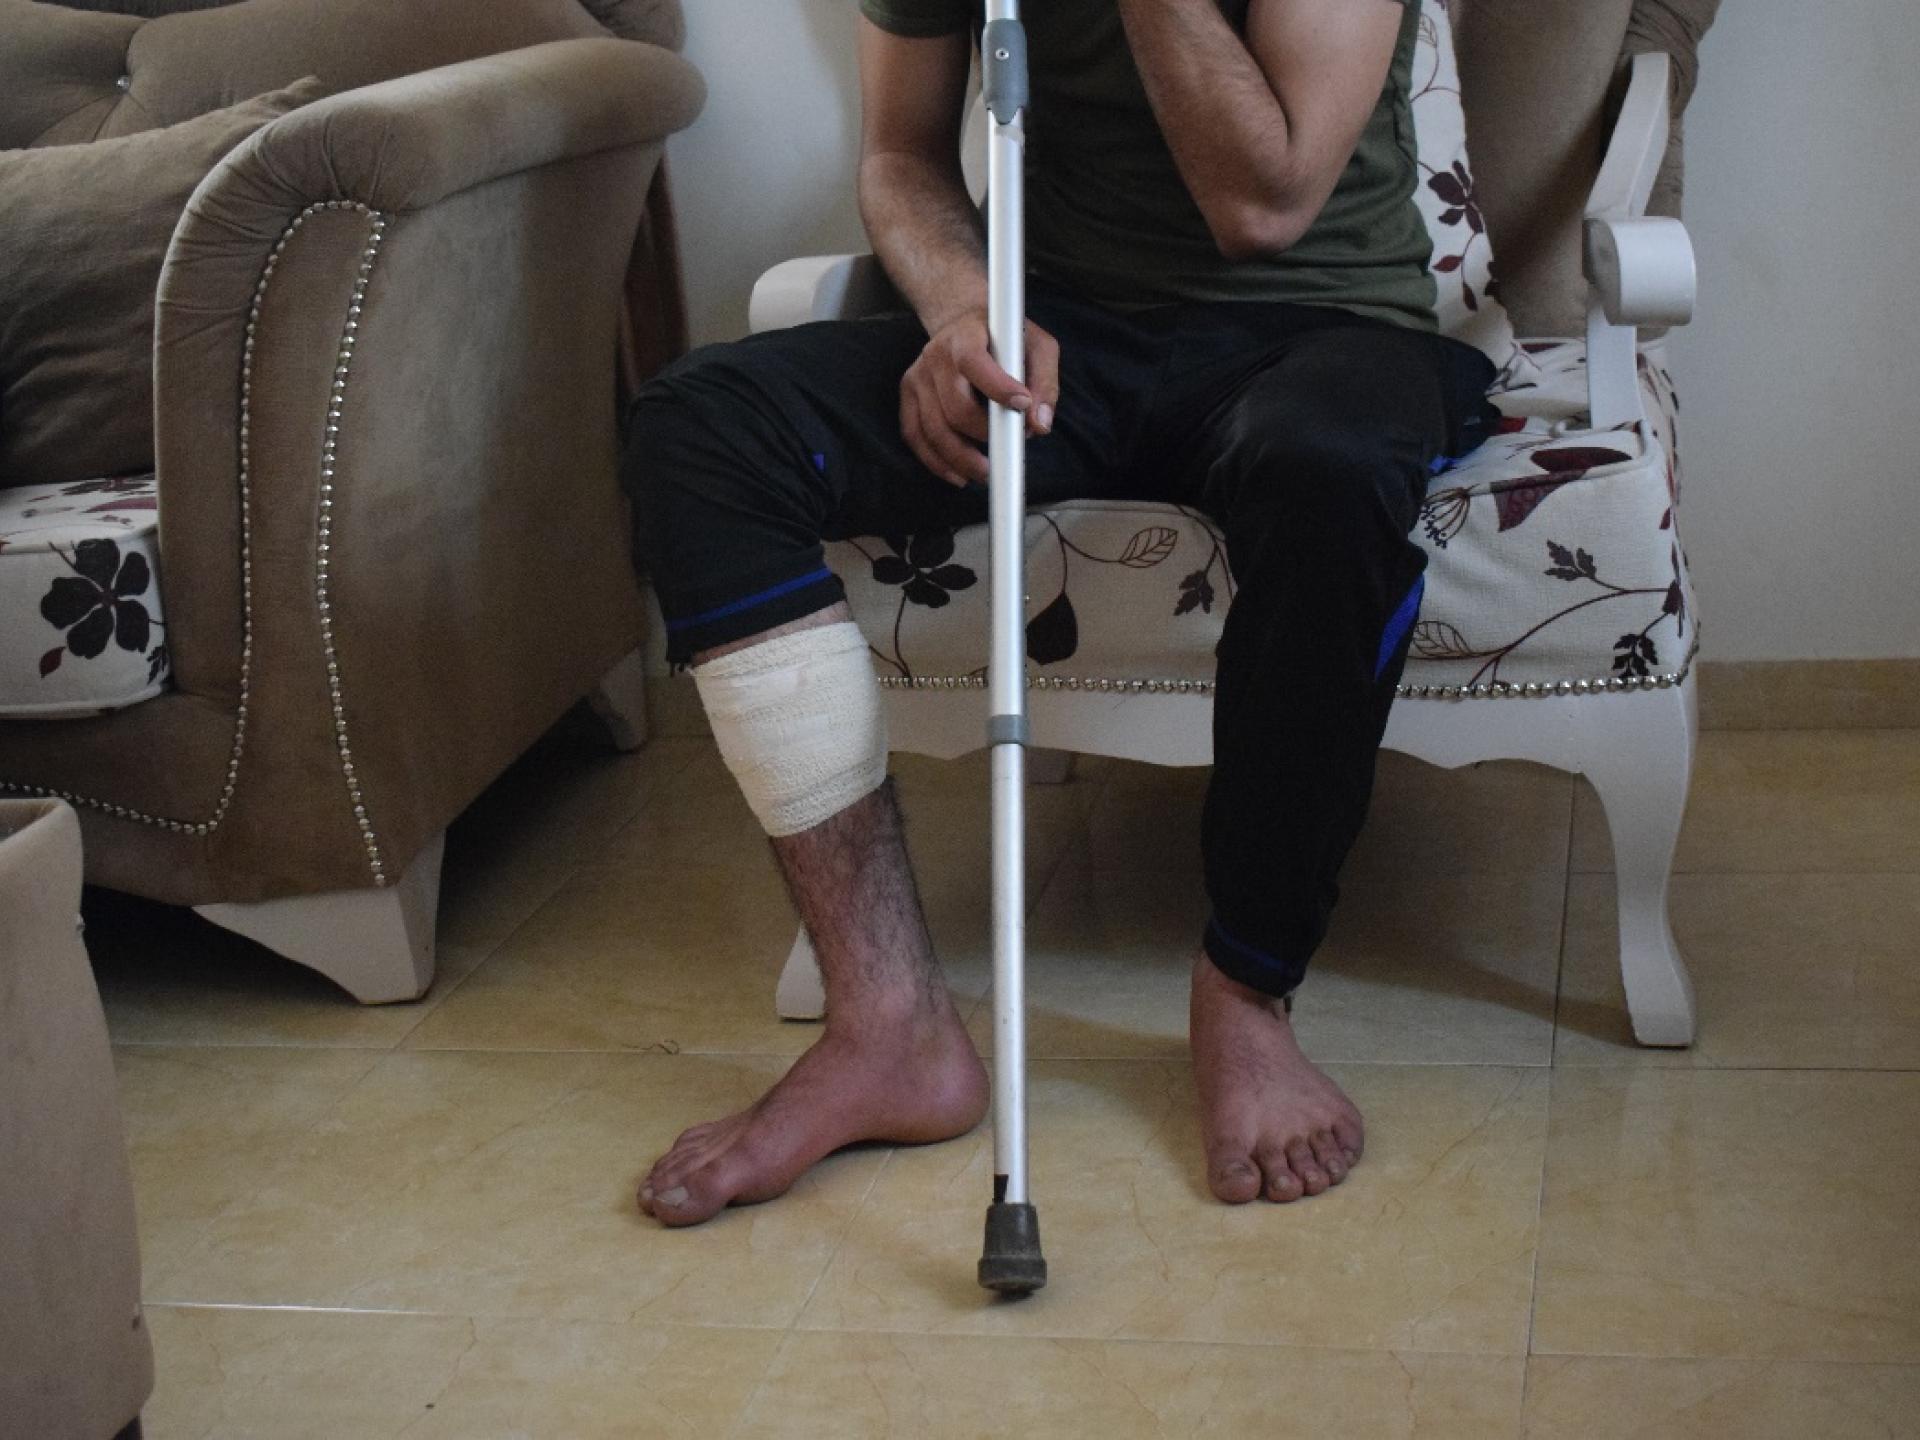 רגלו החבושה של הבחור שמתנחלים מיצהר הכוהו במוט ברזל לאחר שמנע מהם בגופו פגיעה בעצי הזית.